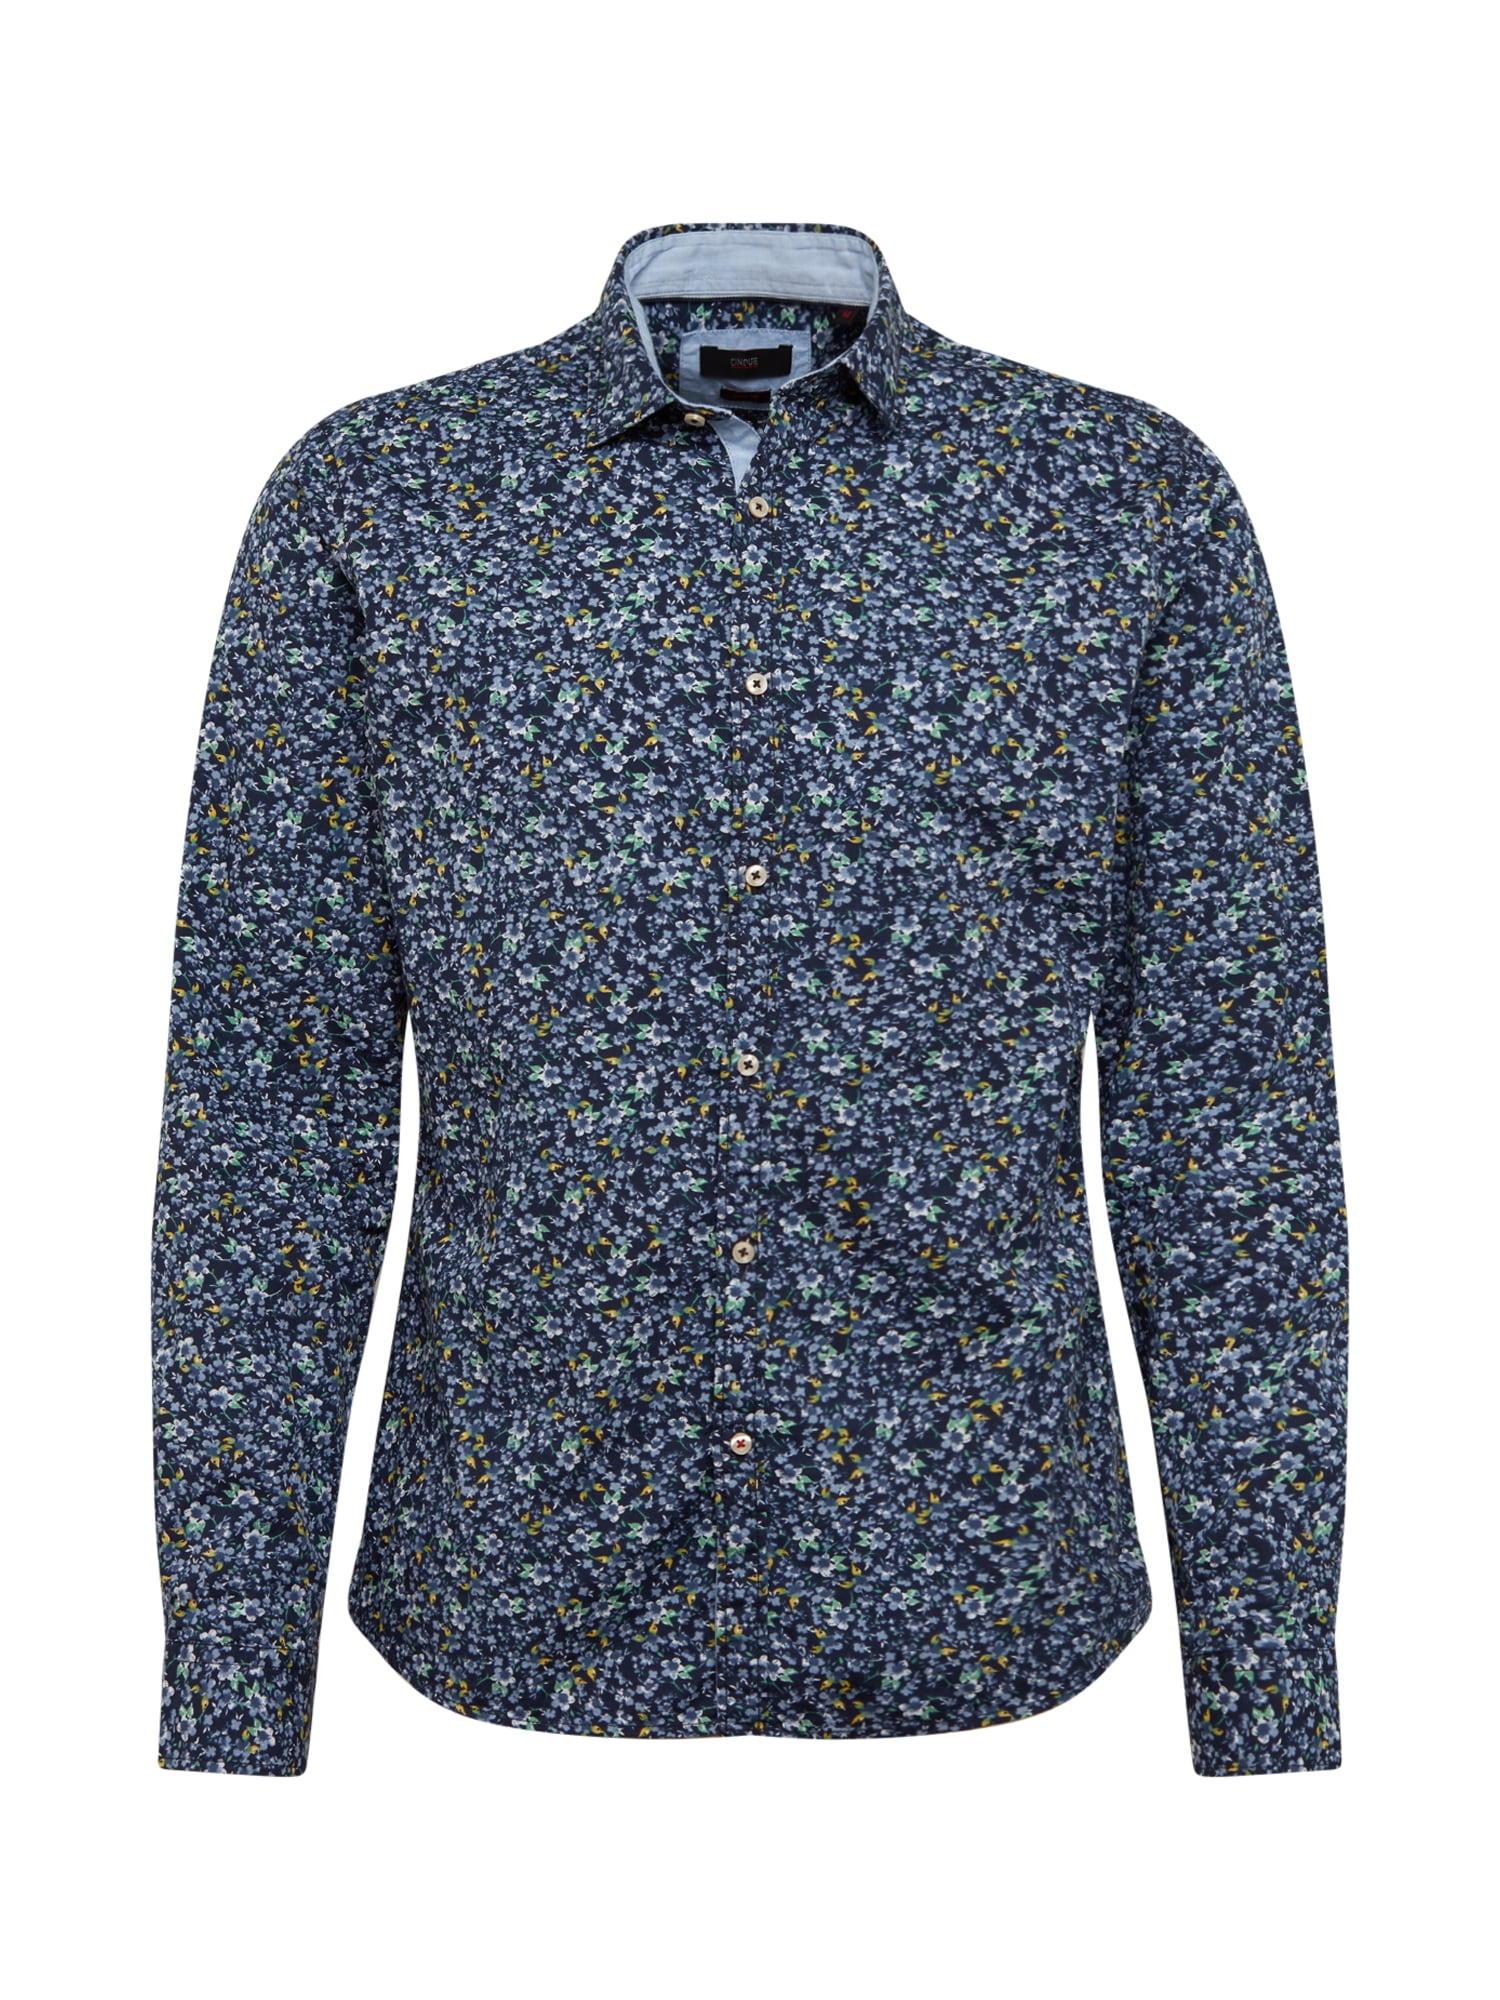 CINQUE Dalykiniai marškiniai 'Cispuky' tamsiai mėlyna